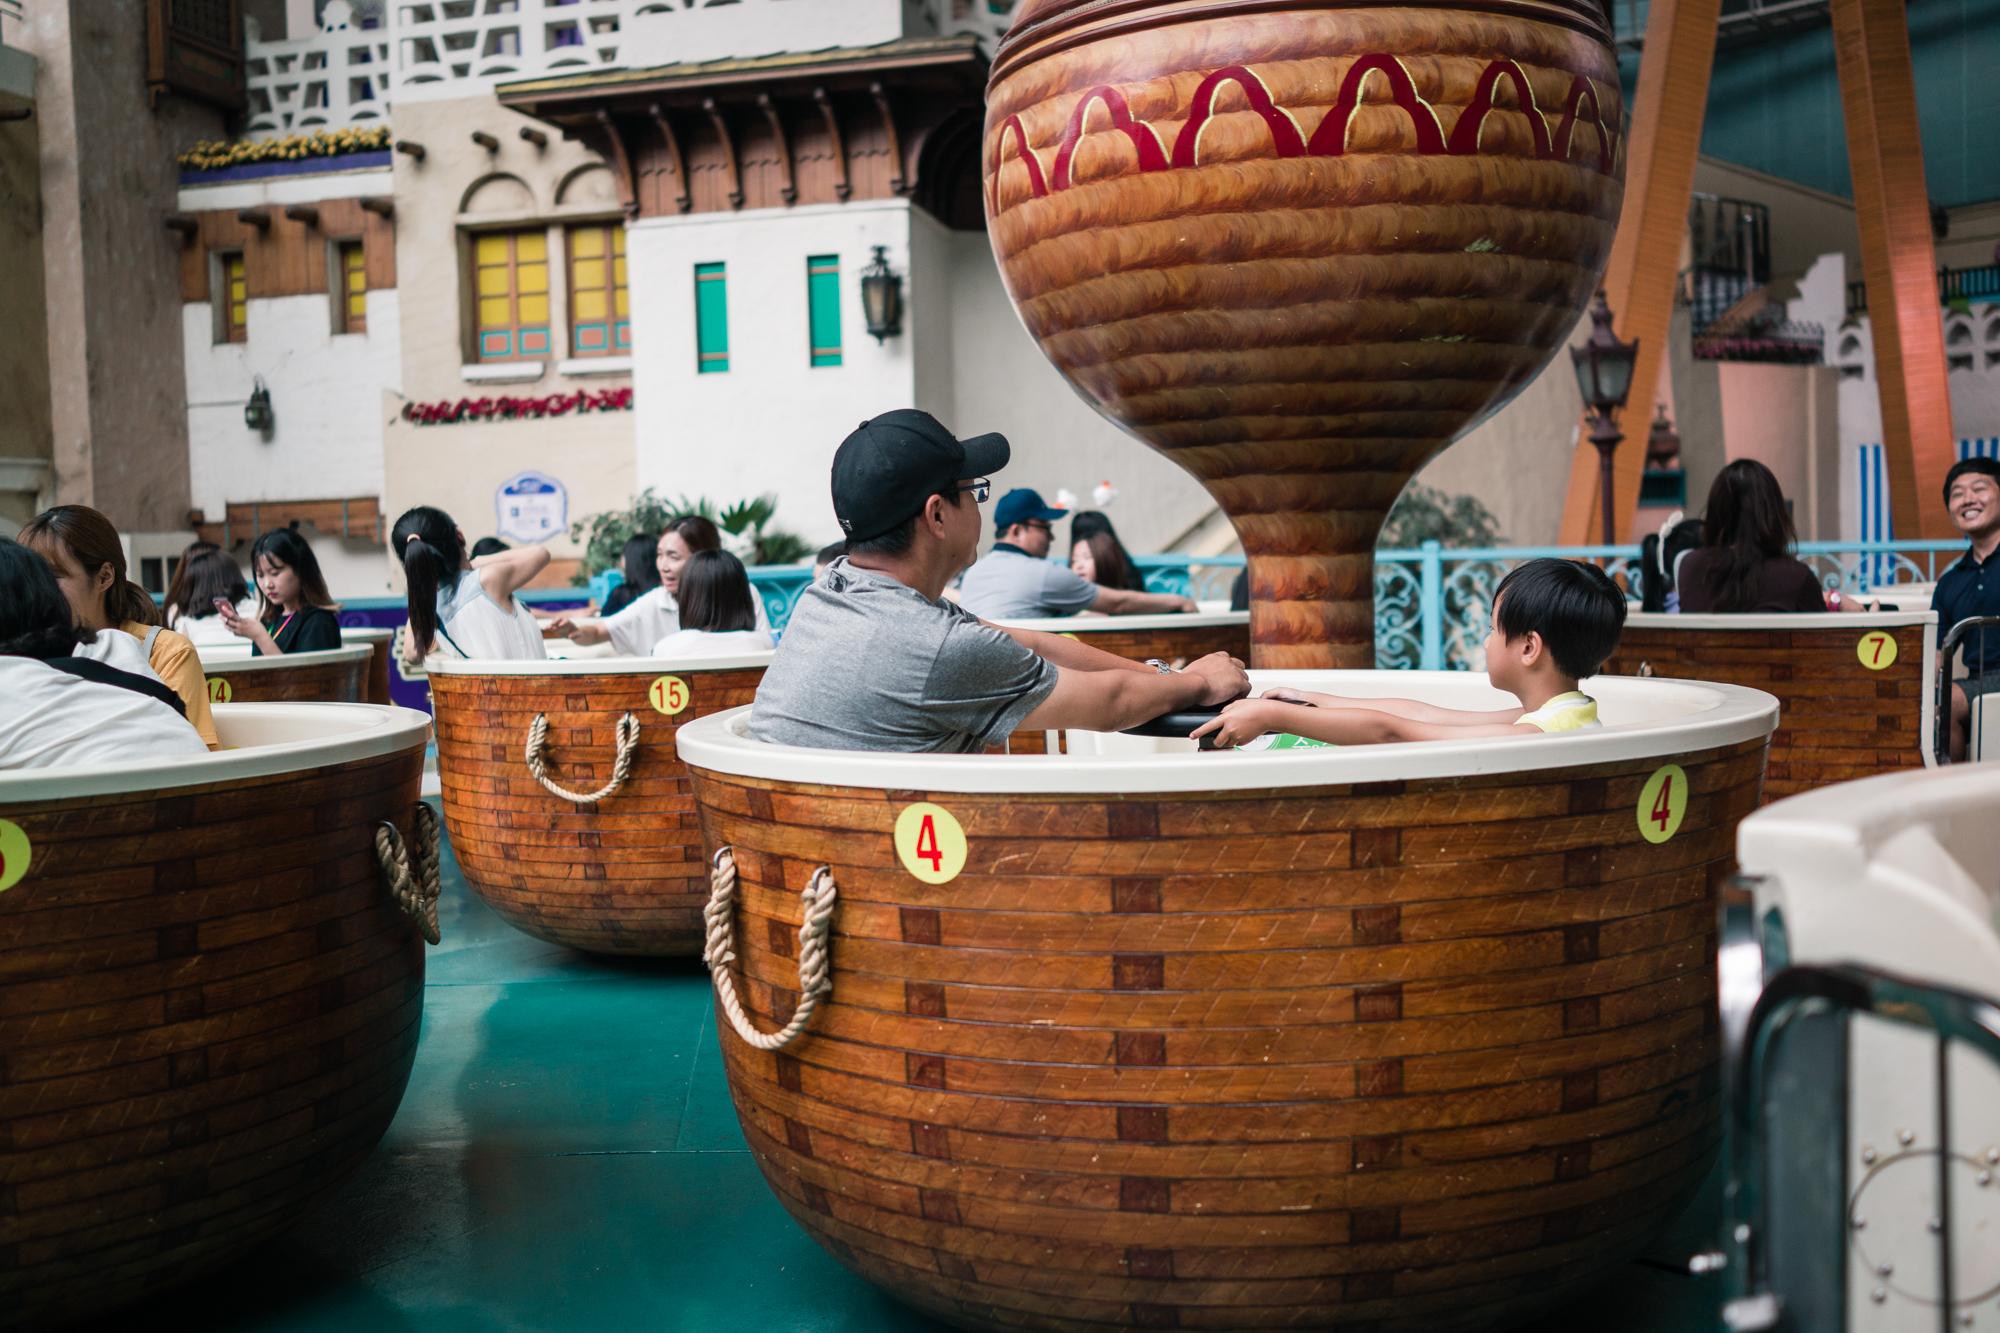 Drunken Basket at Lotte World